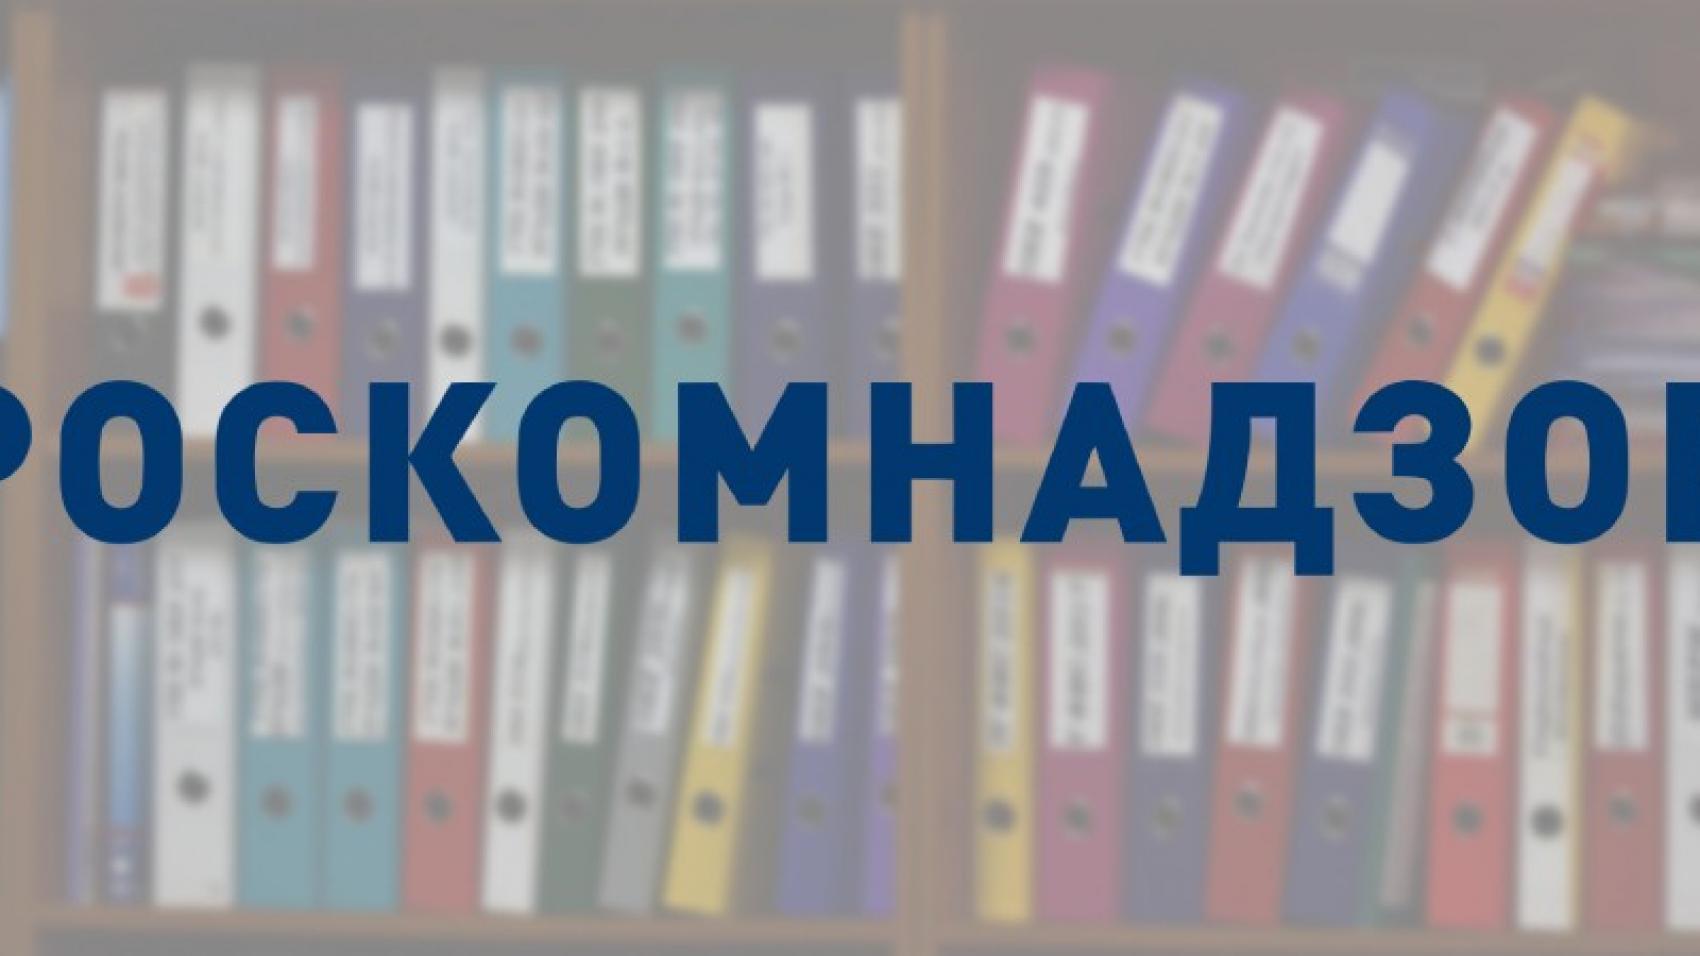 Роскомнадзор начал формировать реестр соцсетей